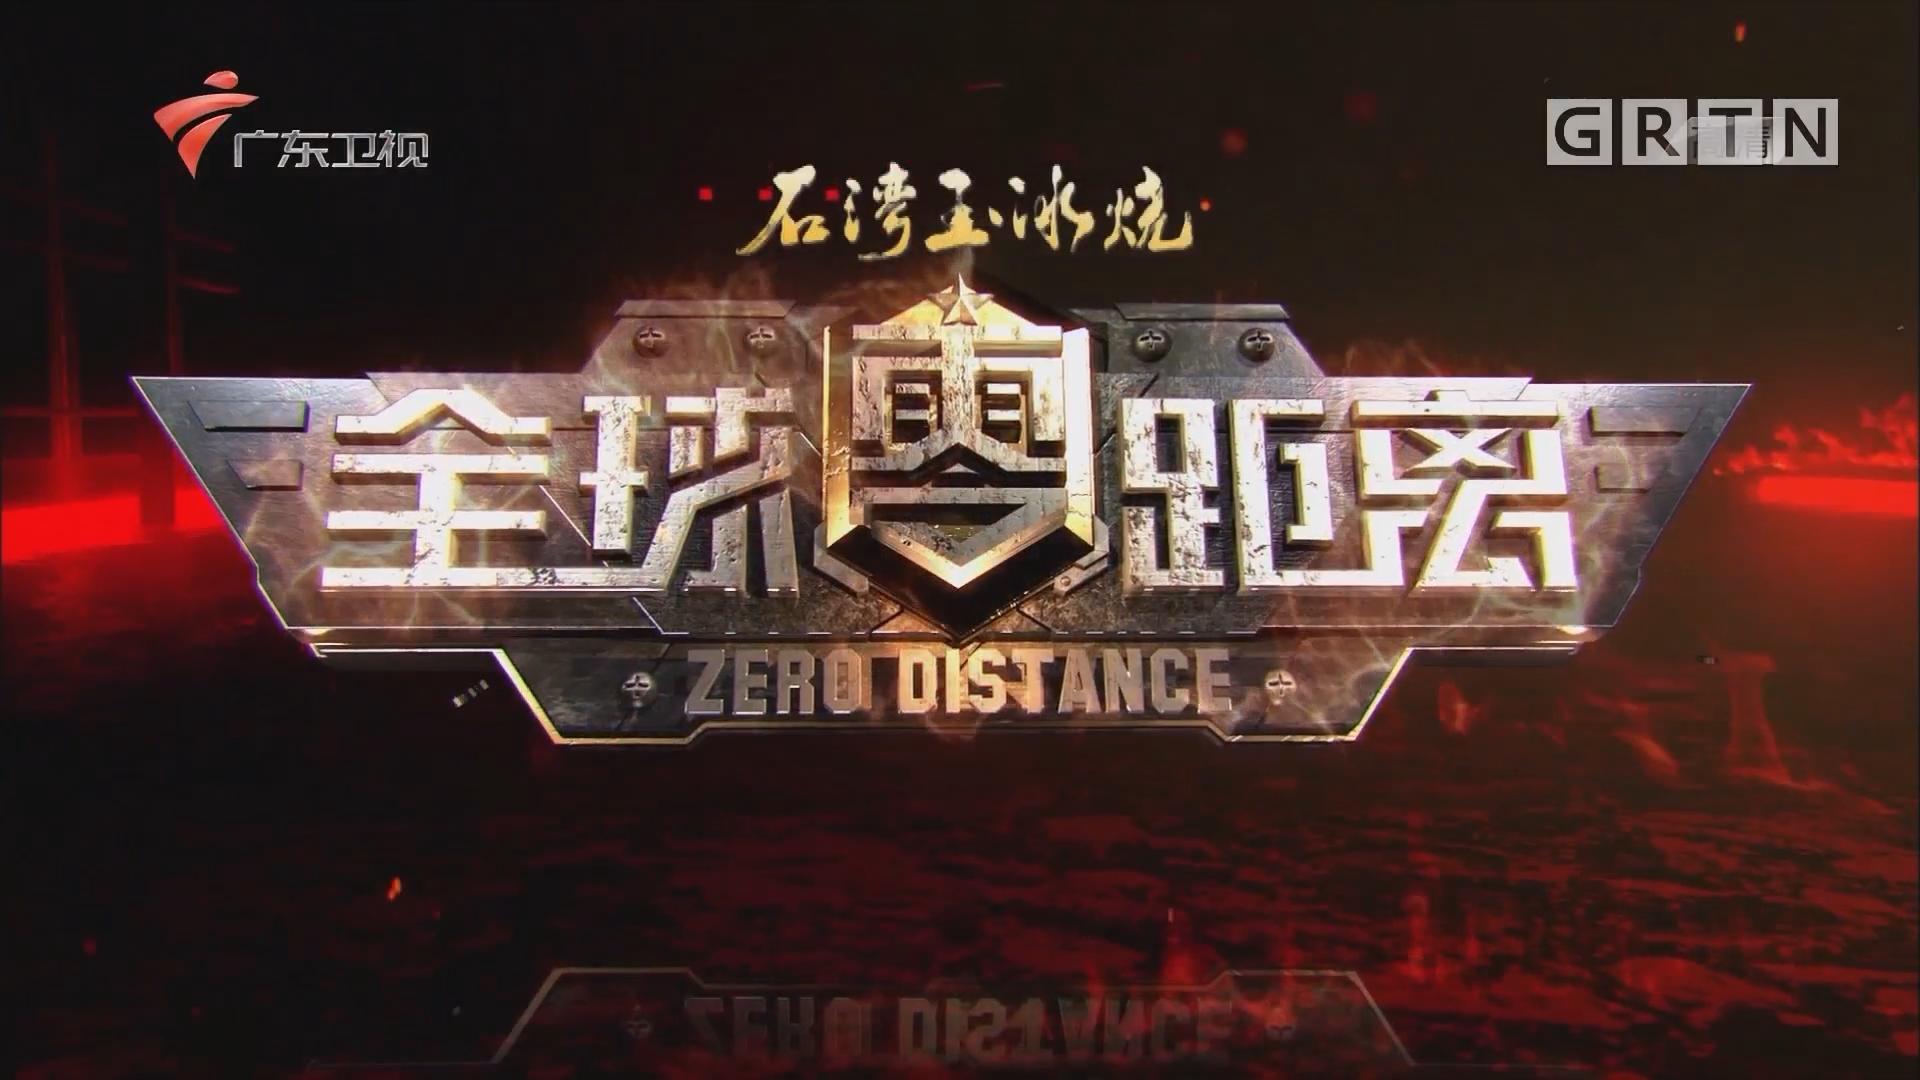 [HD][2018-05-13]全球零距离:中国航母向前进